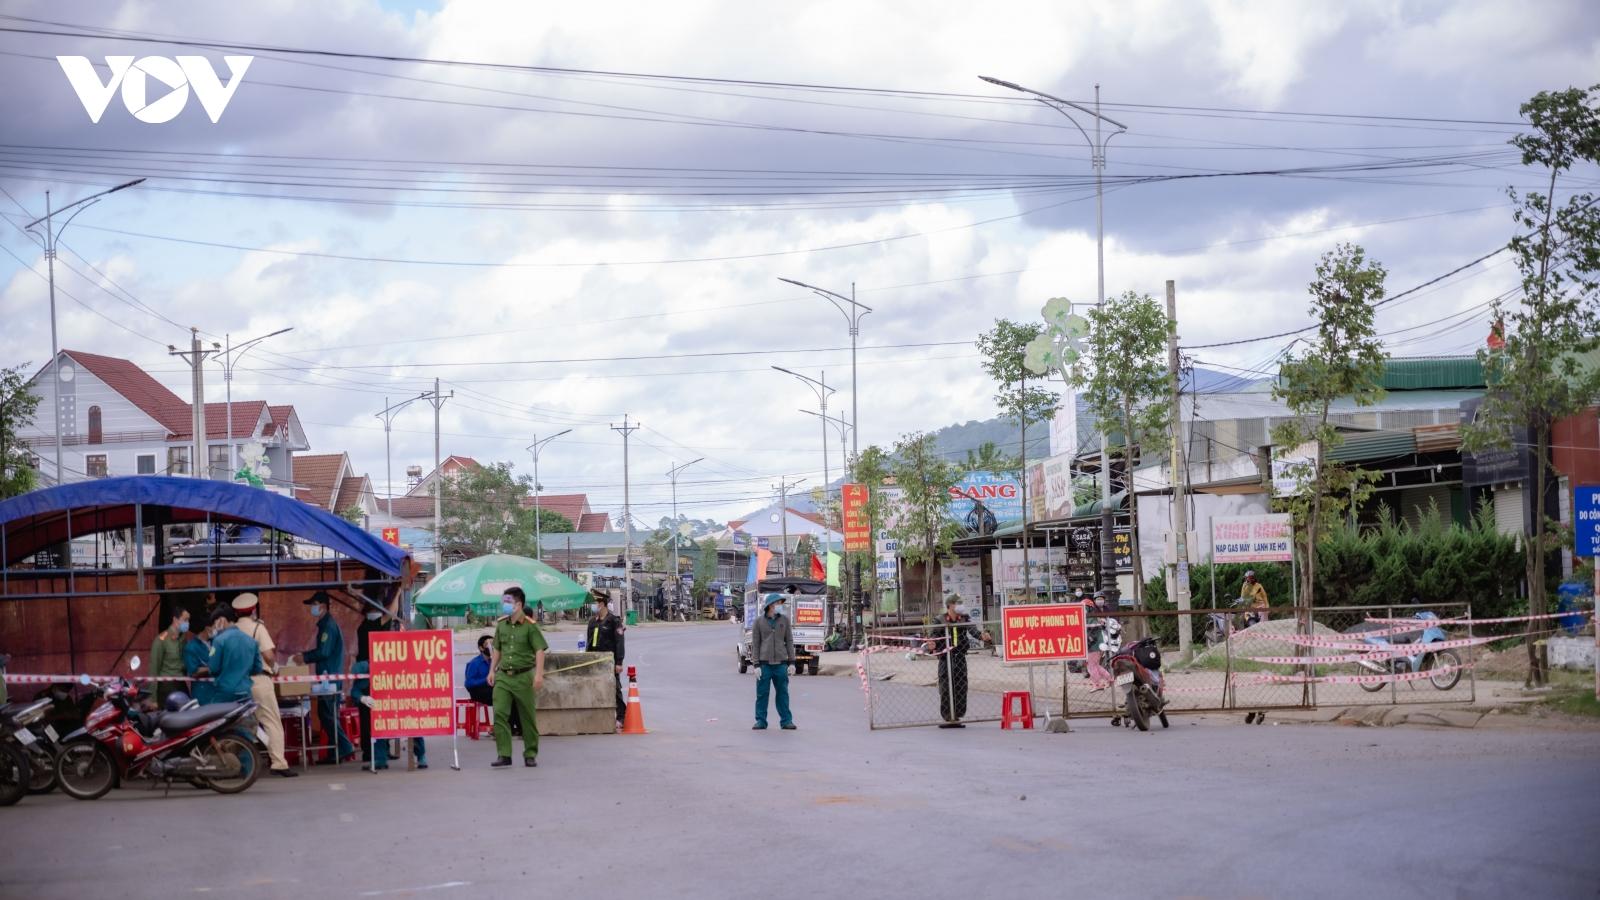 Lâm Đồng không tiếp nhận người từ vùng dịch về nếu không đăng ký trước